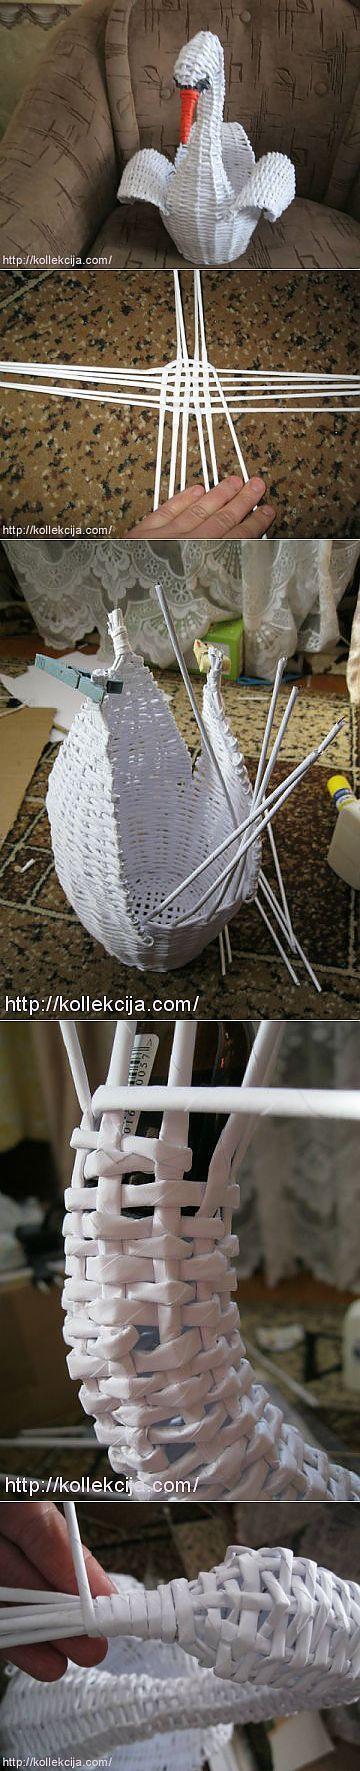 Мастер-класс по созданию лебедя.Газетная лоза.. Обсуждение на LiveInternet | Плетение из газет | Постила: